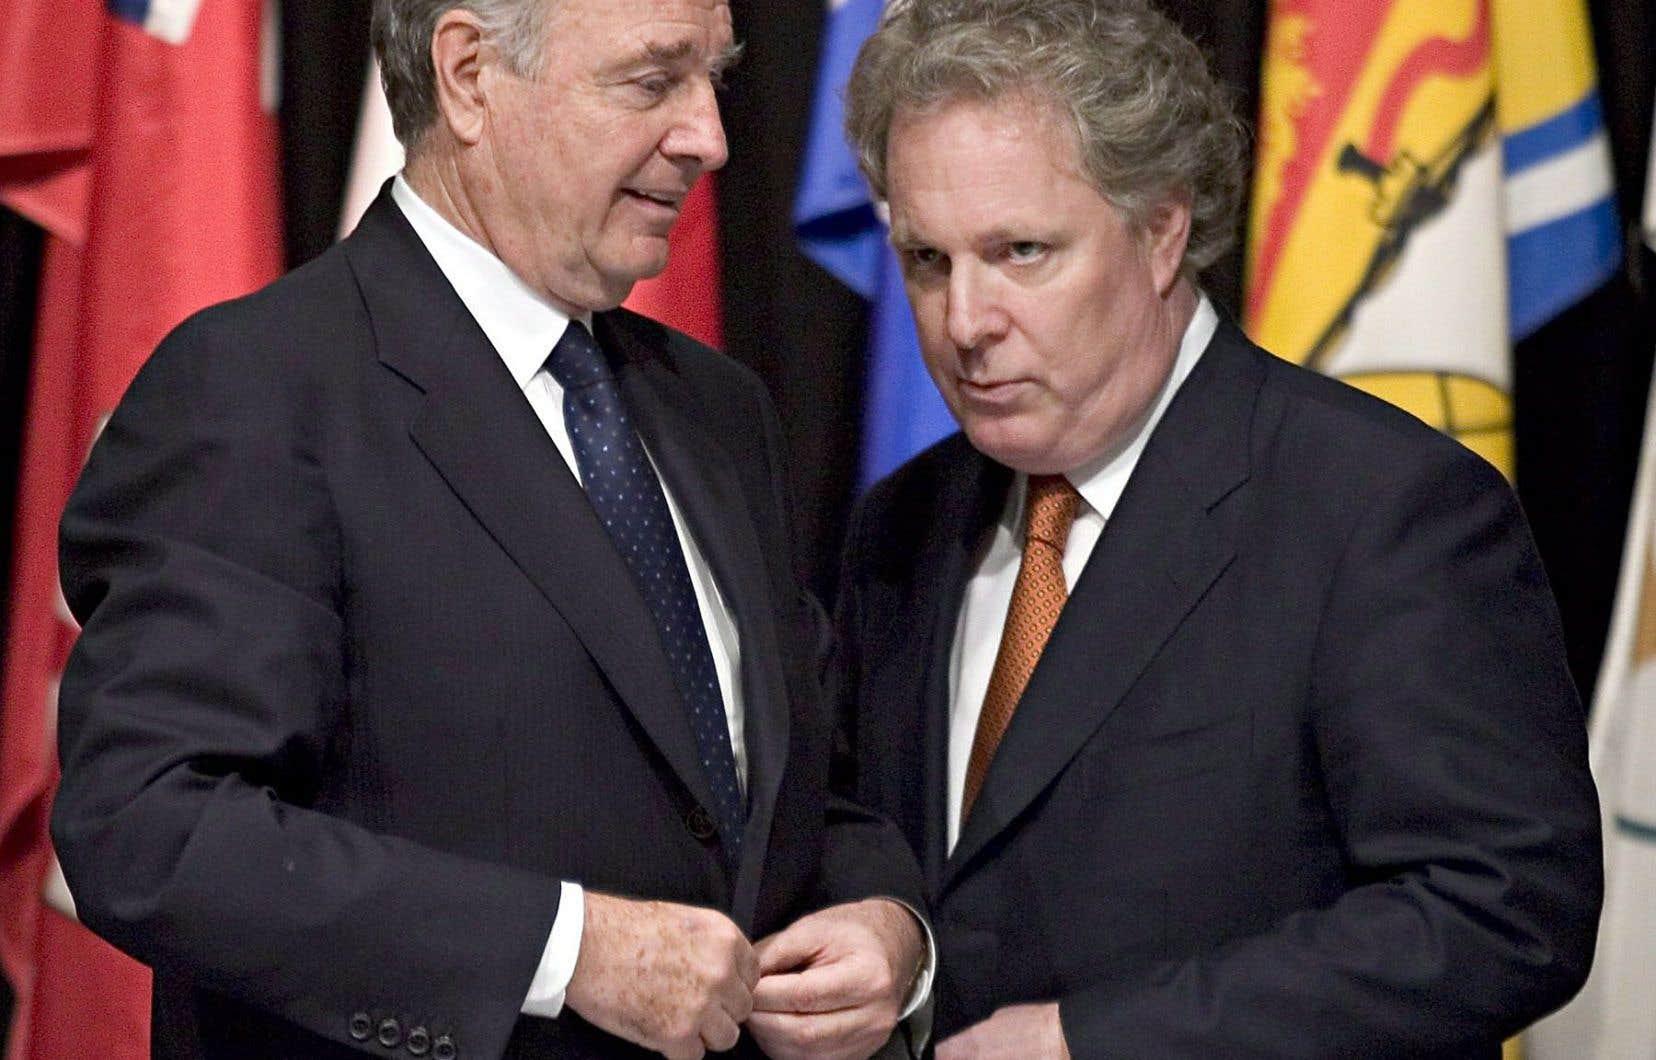 La dernière rencontre fédérale-provinciale date de 2004, avec Paul Martin comme premier ministre du Canada et Jean Charest au Québec.